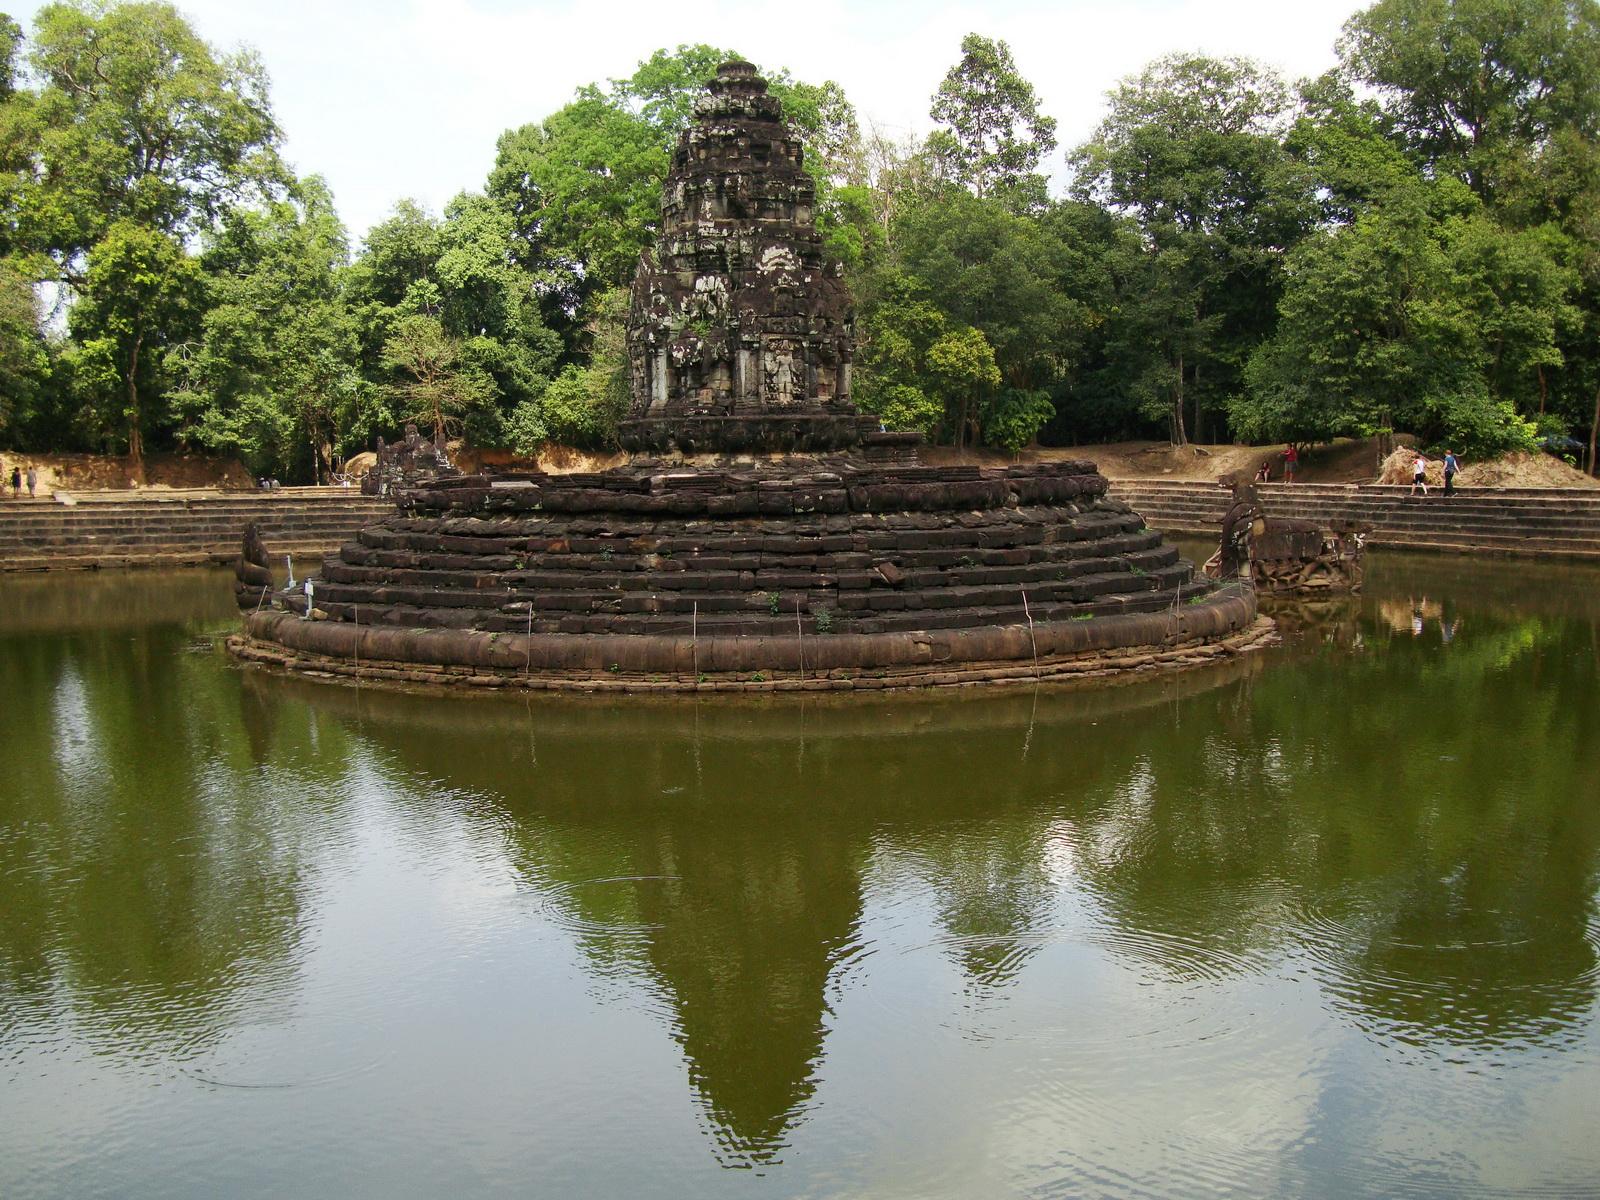 Neak Pean Temple sanctuary and artificial pond 13